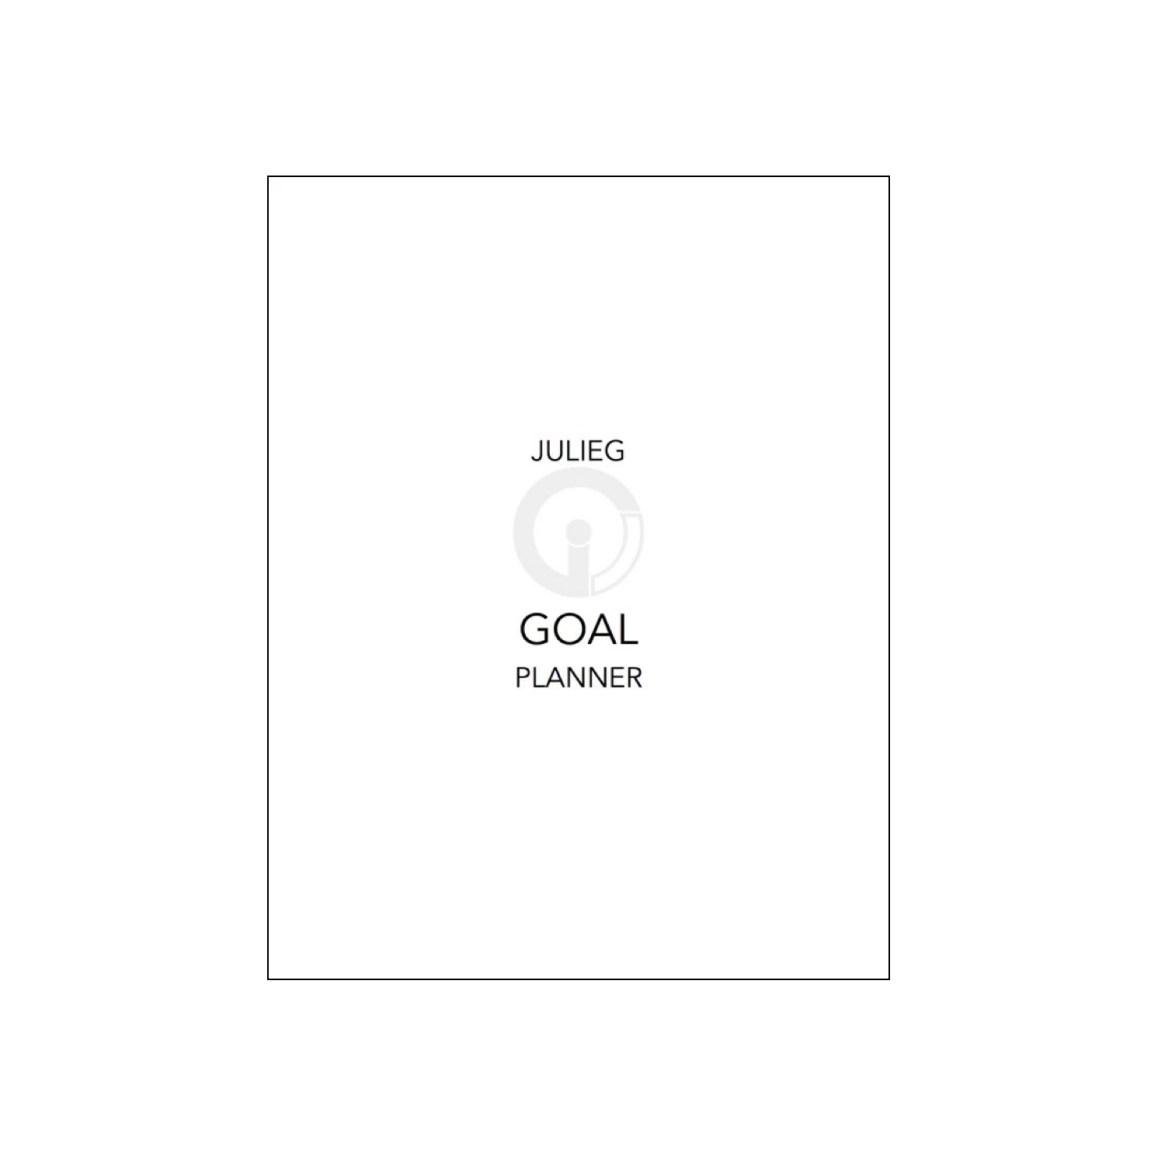 Shop - JulieG Goal Planner